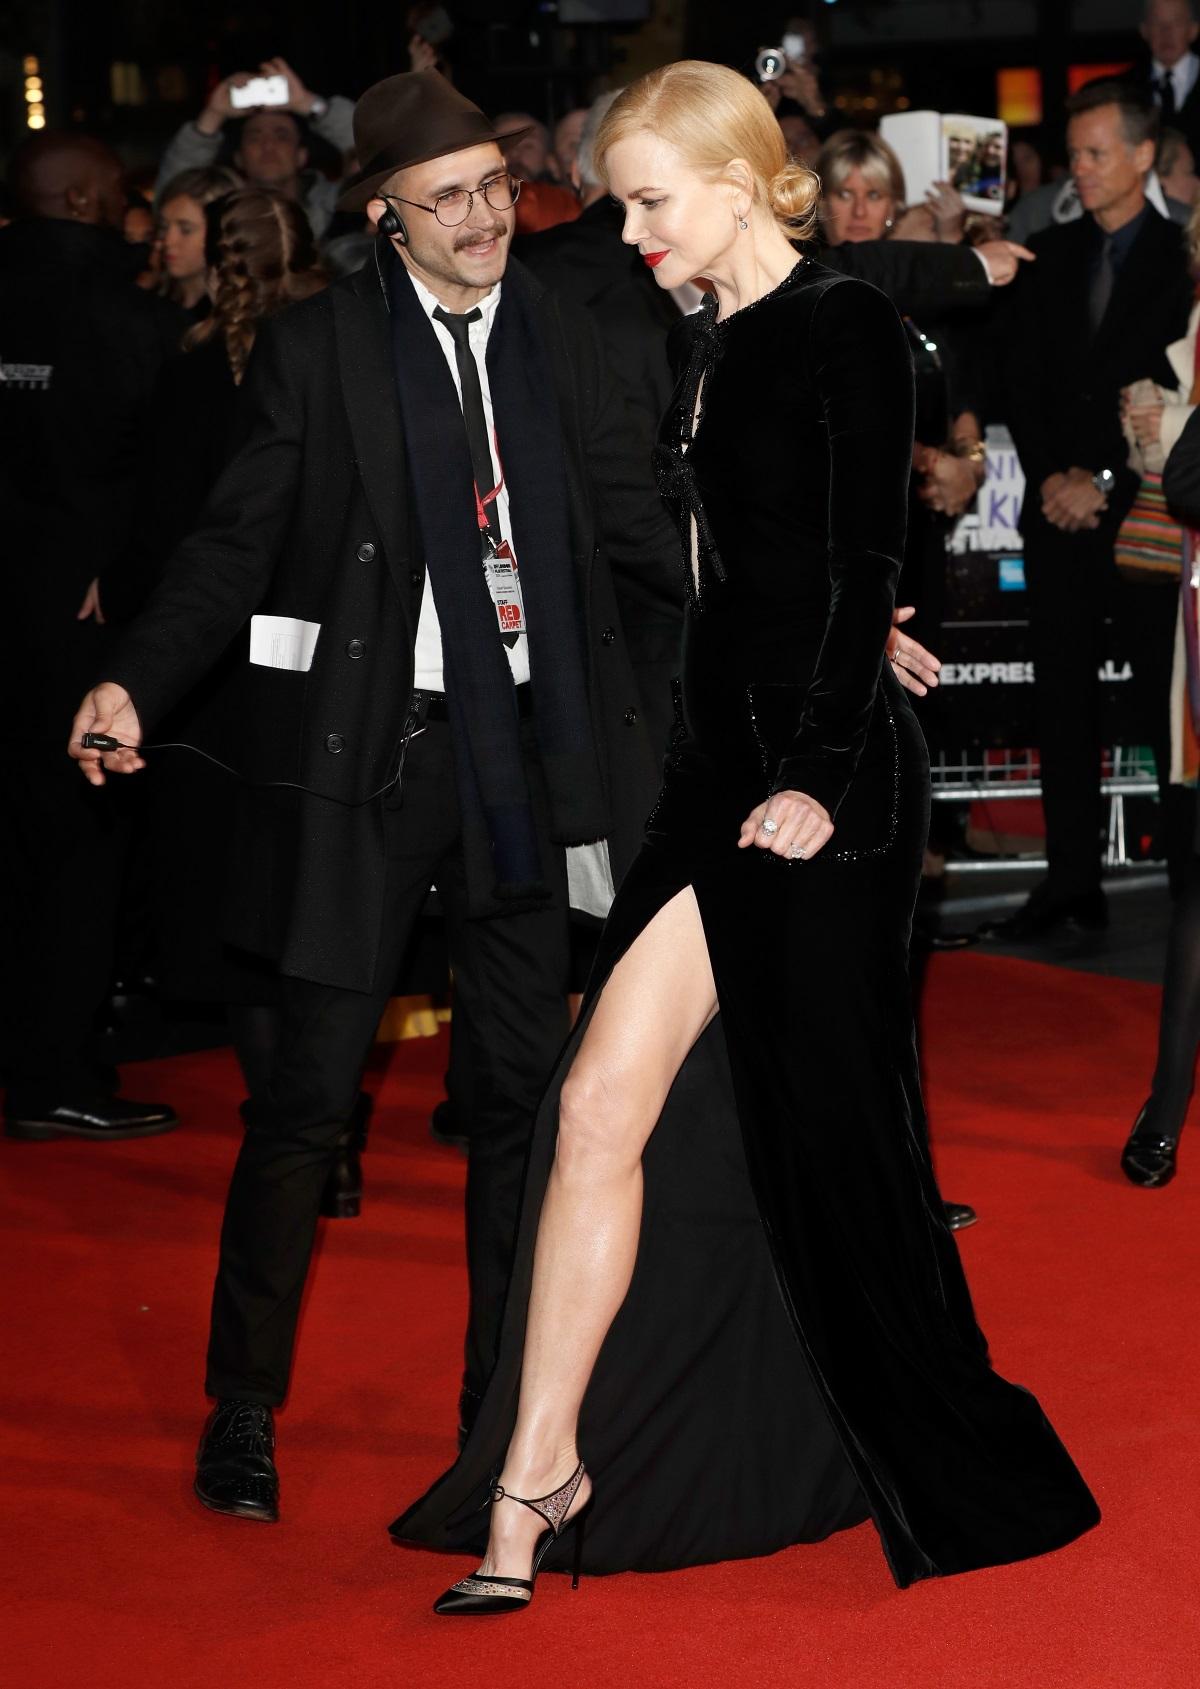 Никол Кидман бе неотразима на филмовия фестивал в Лондон през 2016 г. Но трябва да признаем, че високата цепка точно отпред на черната ѝ рокля създаваше лек дискомфорт.